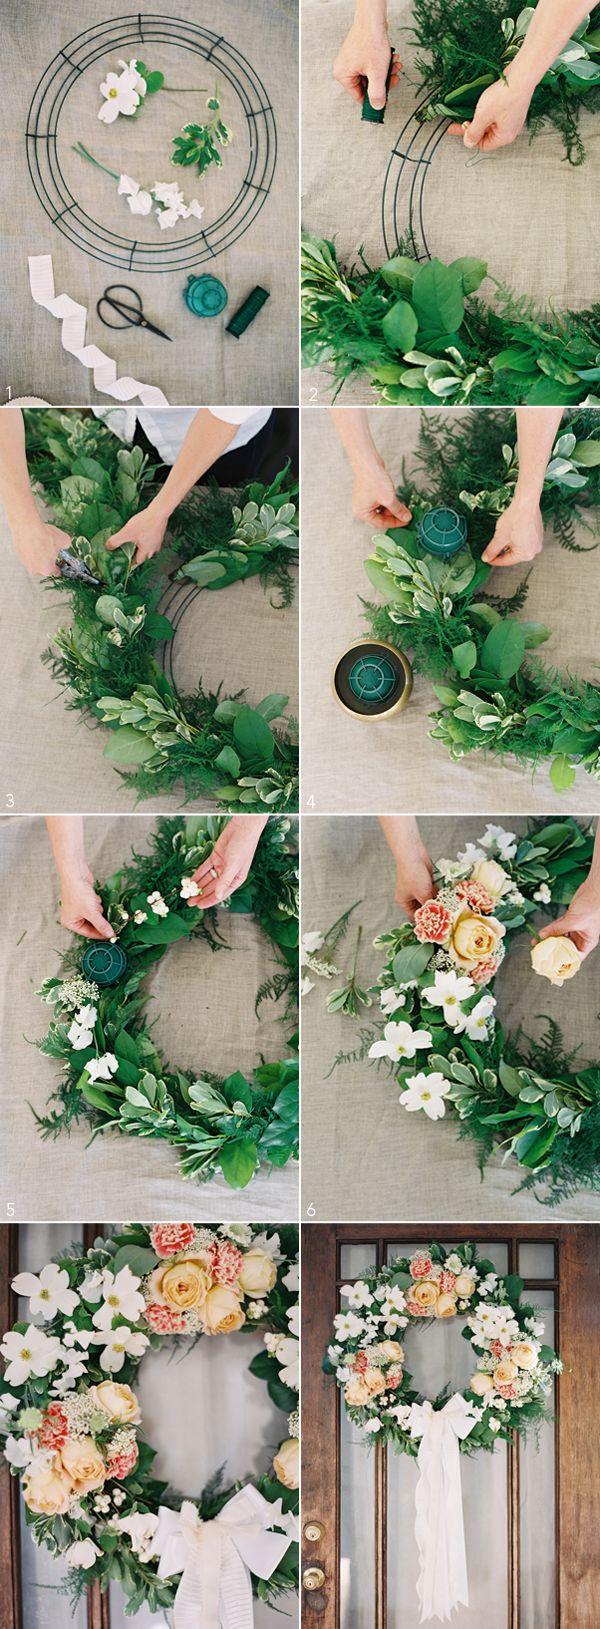 Idee für einen selbst gebastelten Hochzeitskranz / DIY Wedding Wreath from Rosegolden Flowers, styling Ginny Au, Odalys Mendez photography via Once Wed